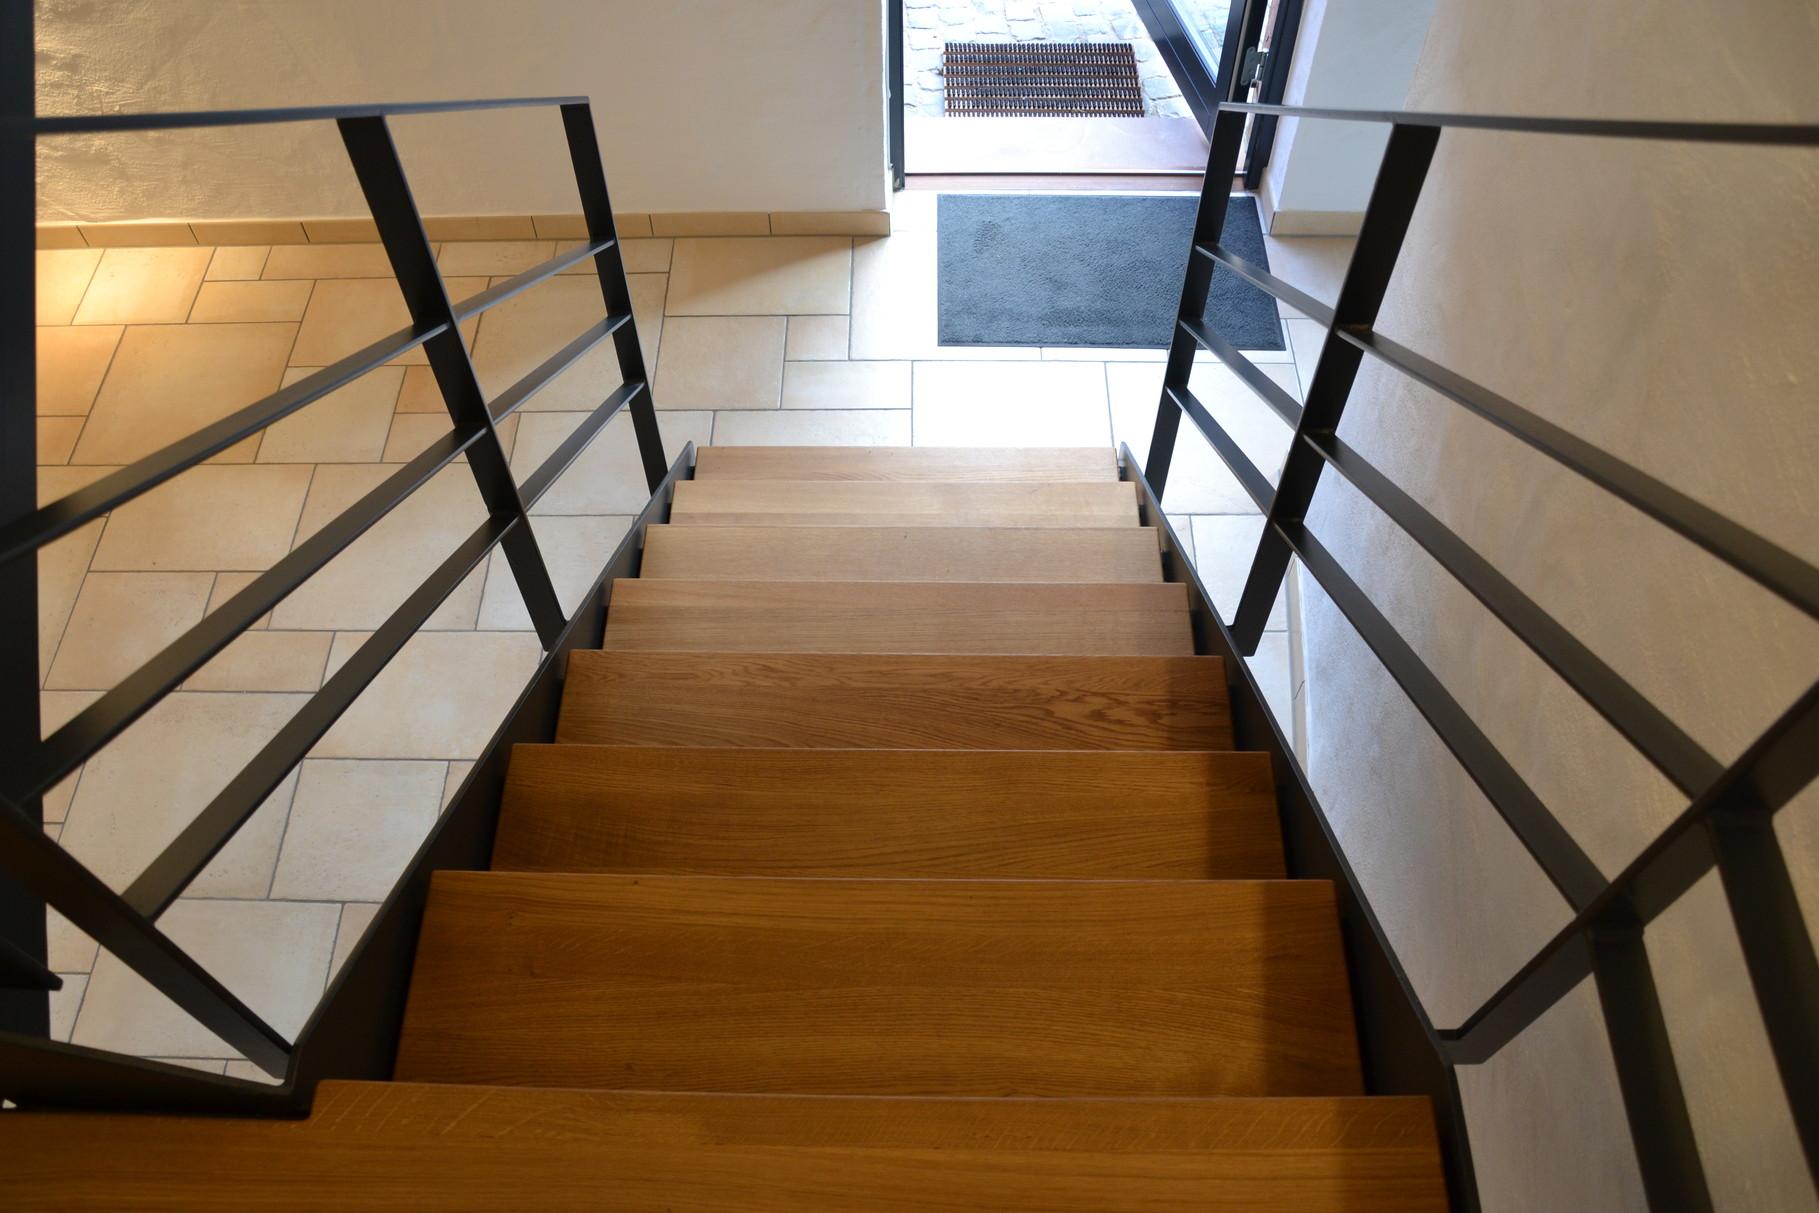 Stufen aus europ. Eichenholz 40 mm stark